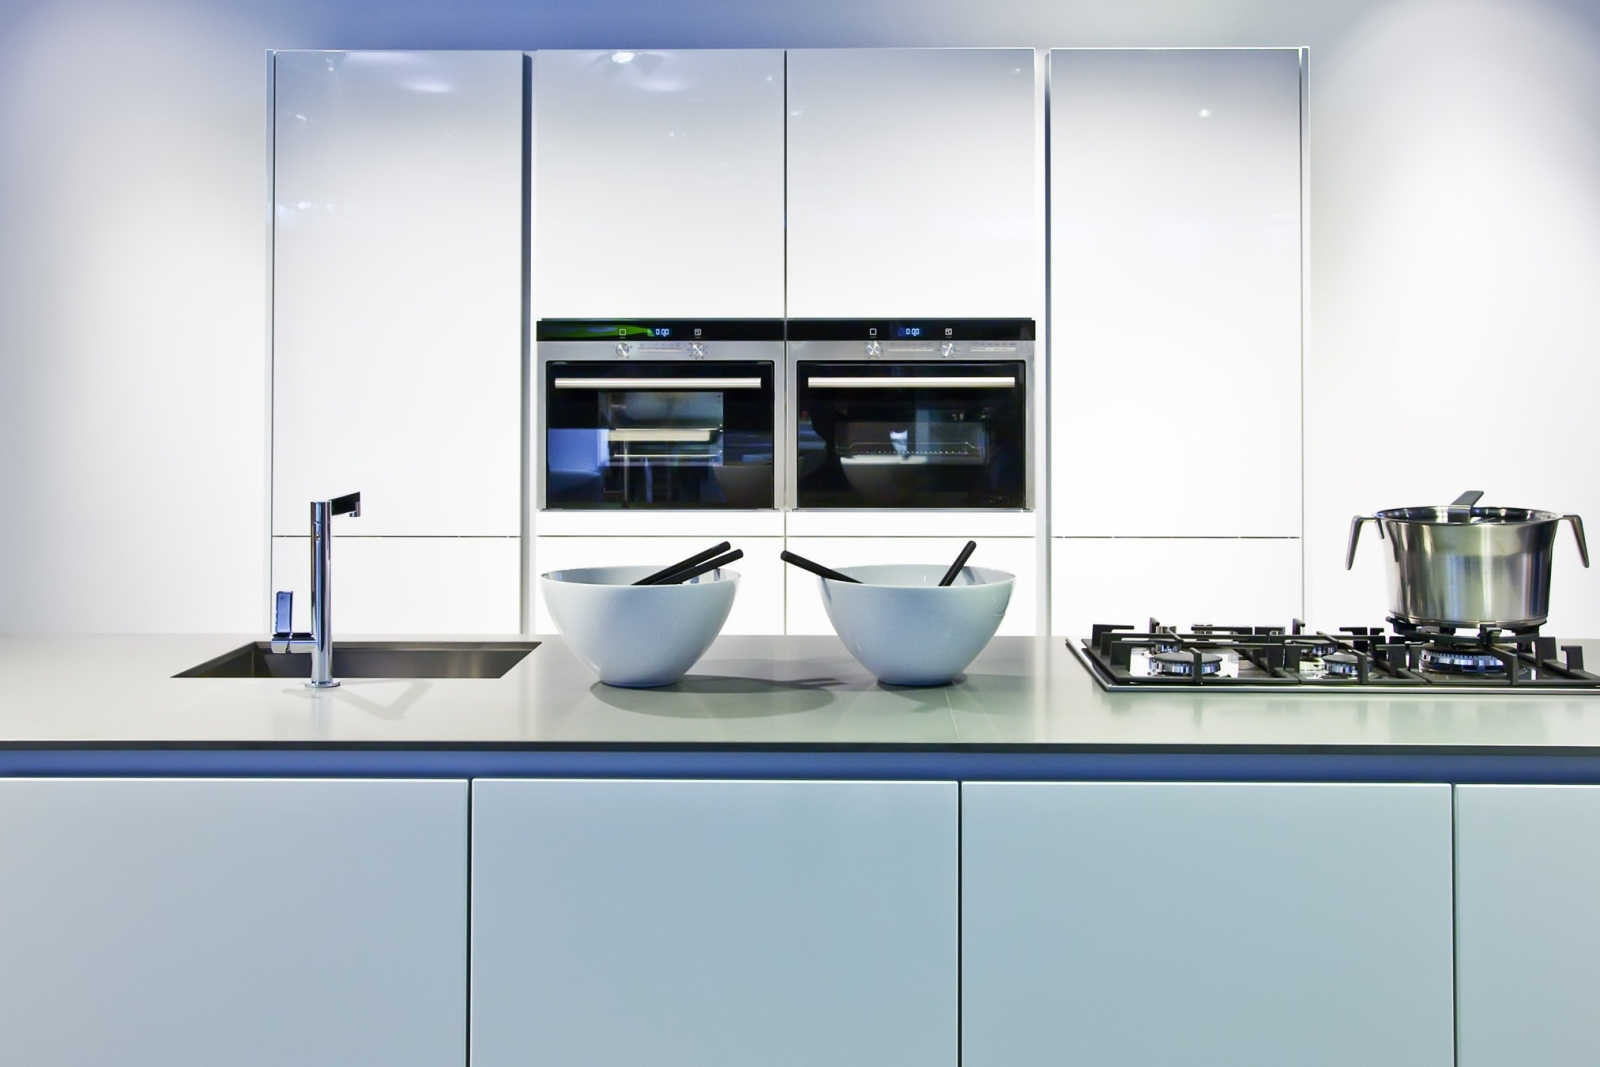 Moderne keukens idee n inspiratie - Kleine keukenuitrustingstudio ...